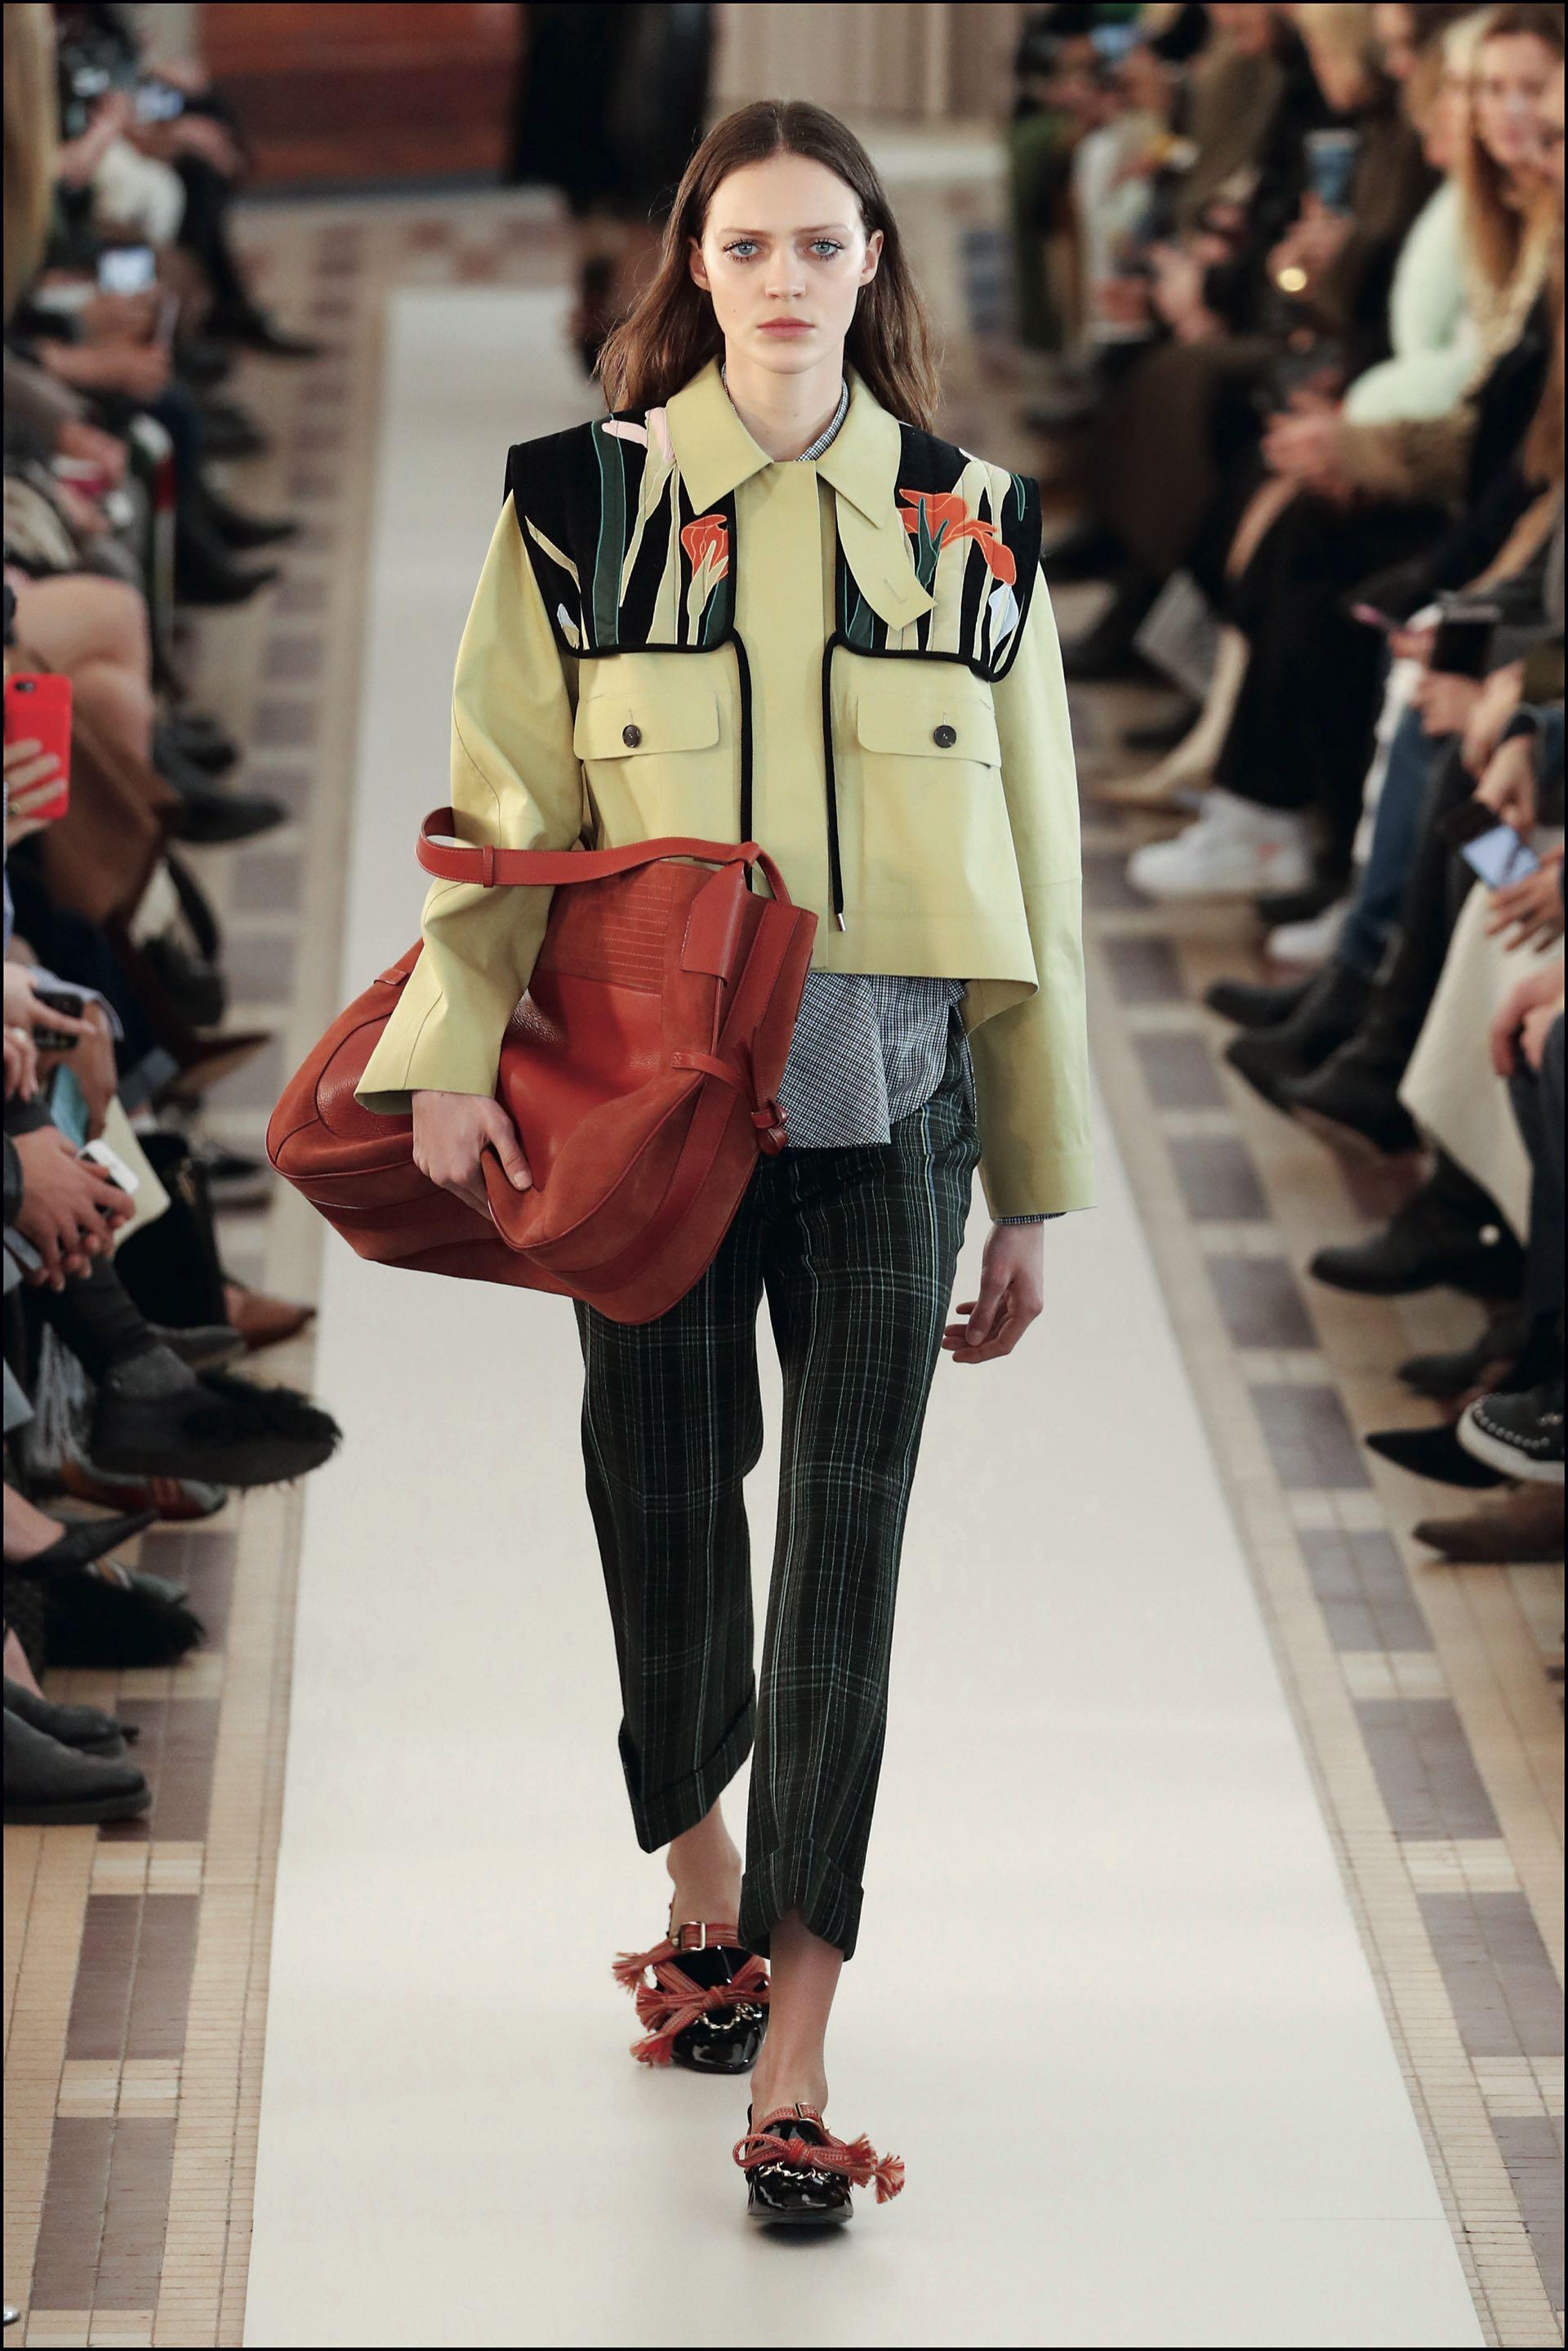 Hubouna selección de ropa de abrigo de gran tamaño como sacada del placard masculino.